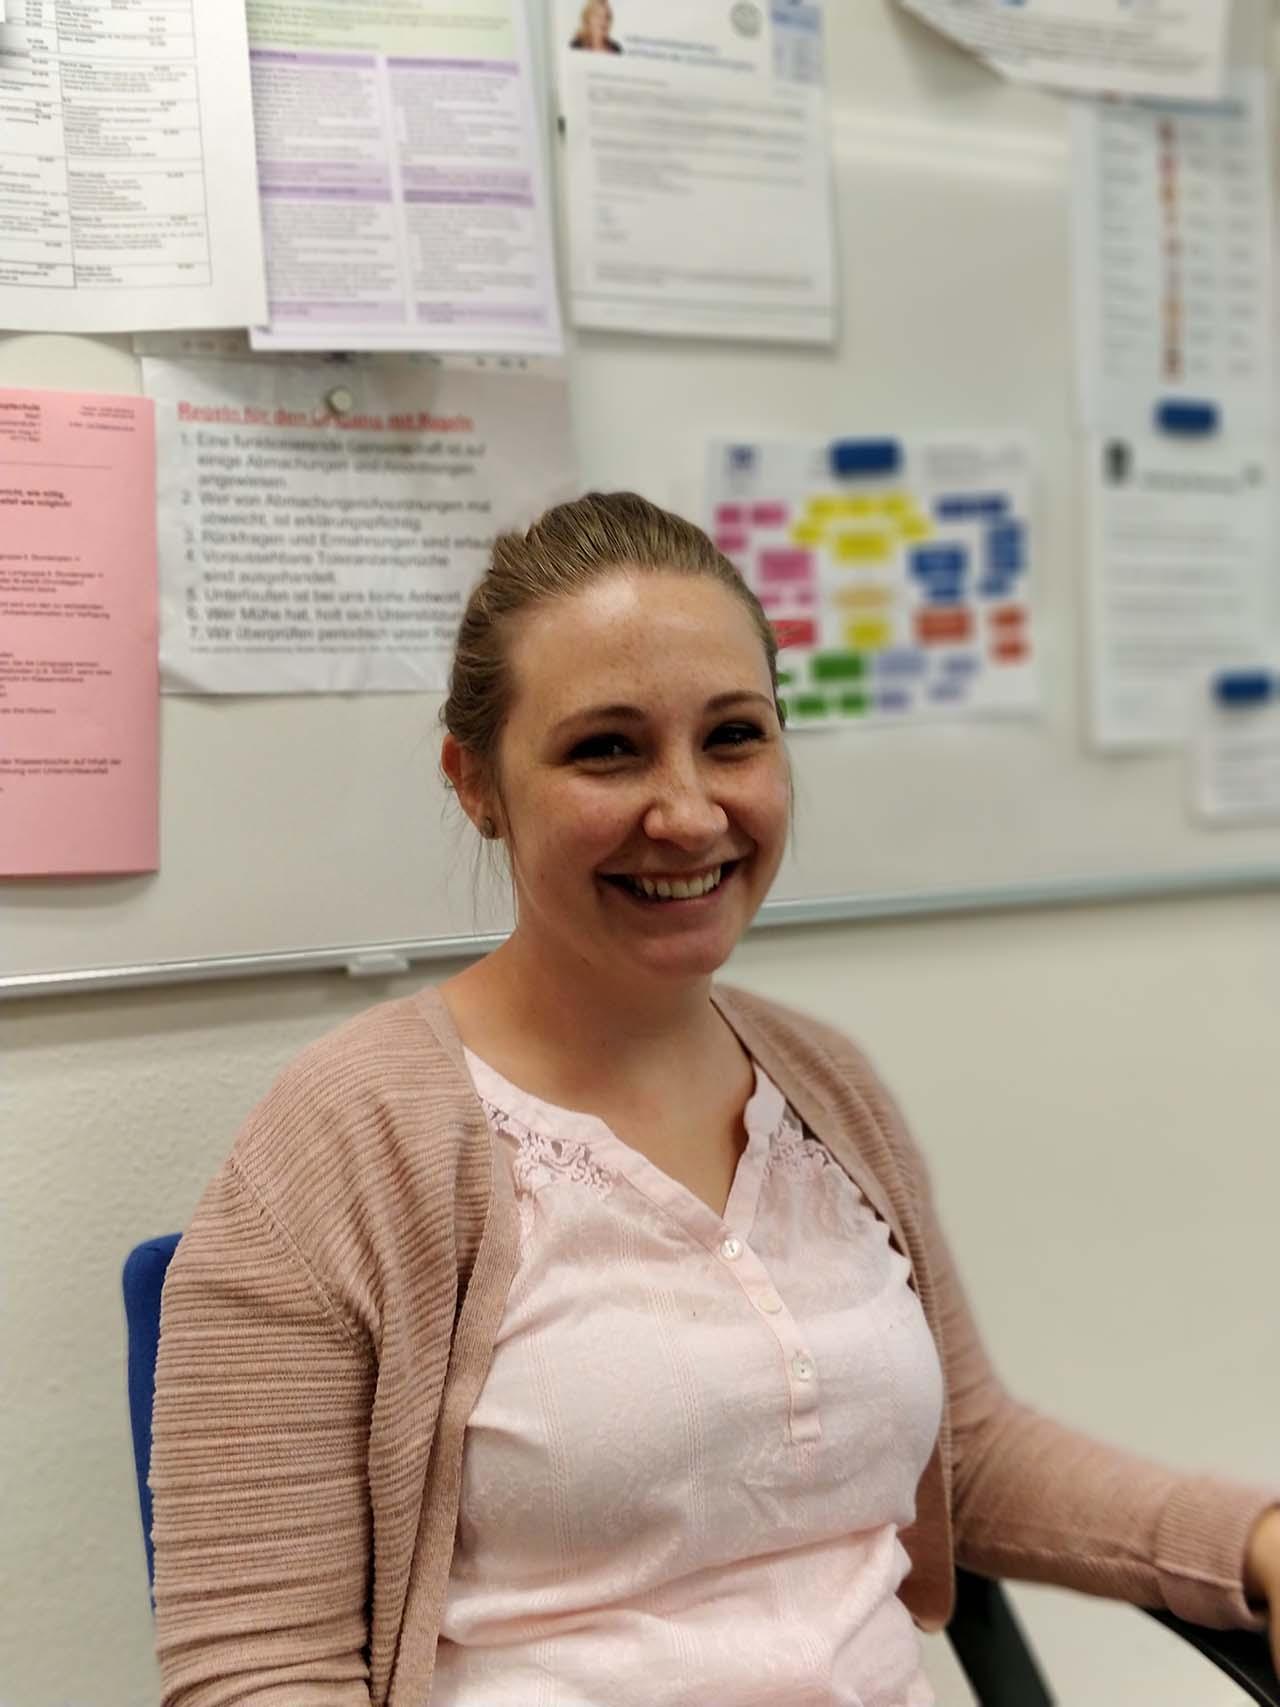 Birte Liedtke, Schulsozialarbeiterin der Katholischen Hauptschule Marl